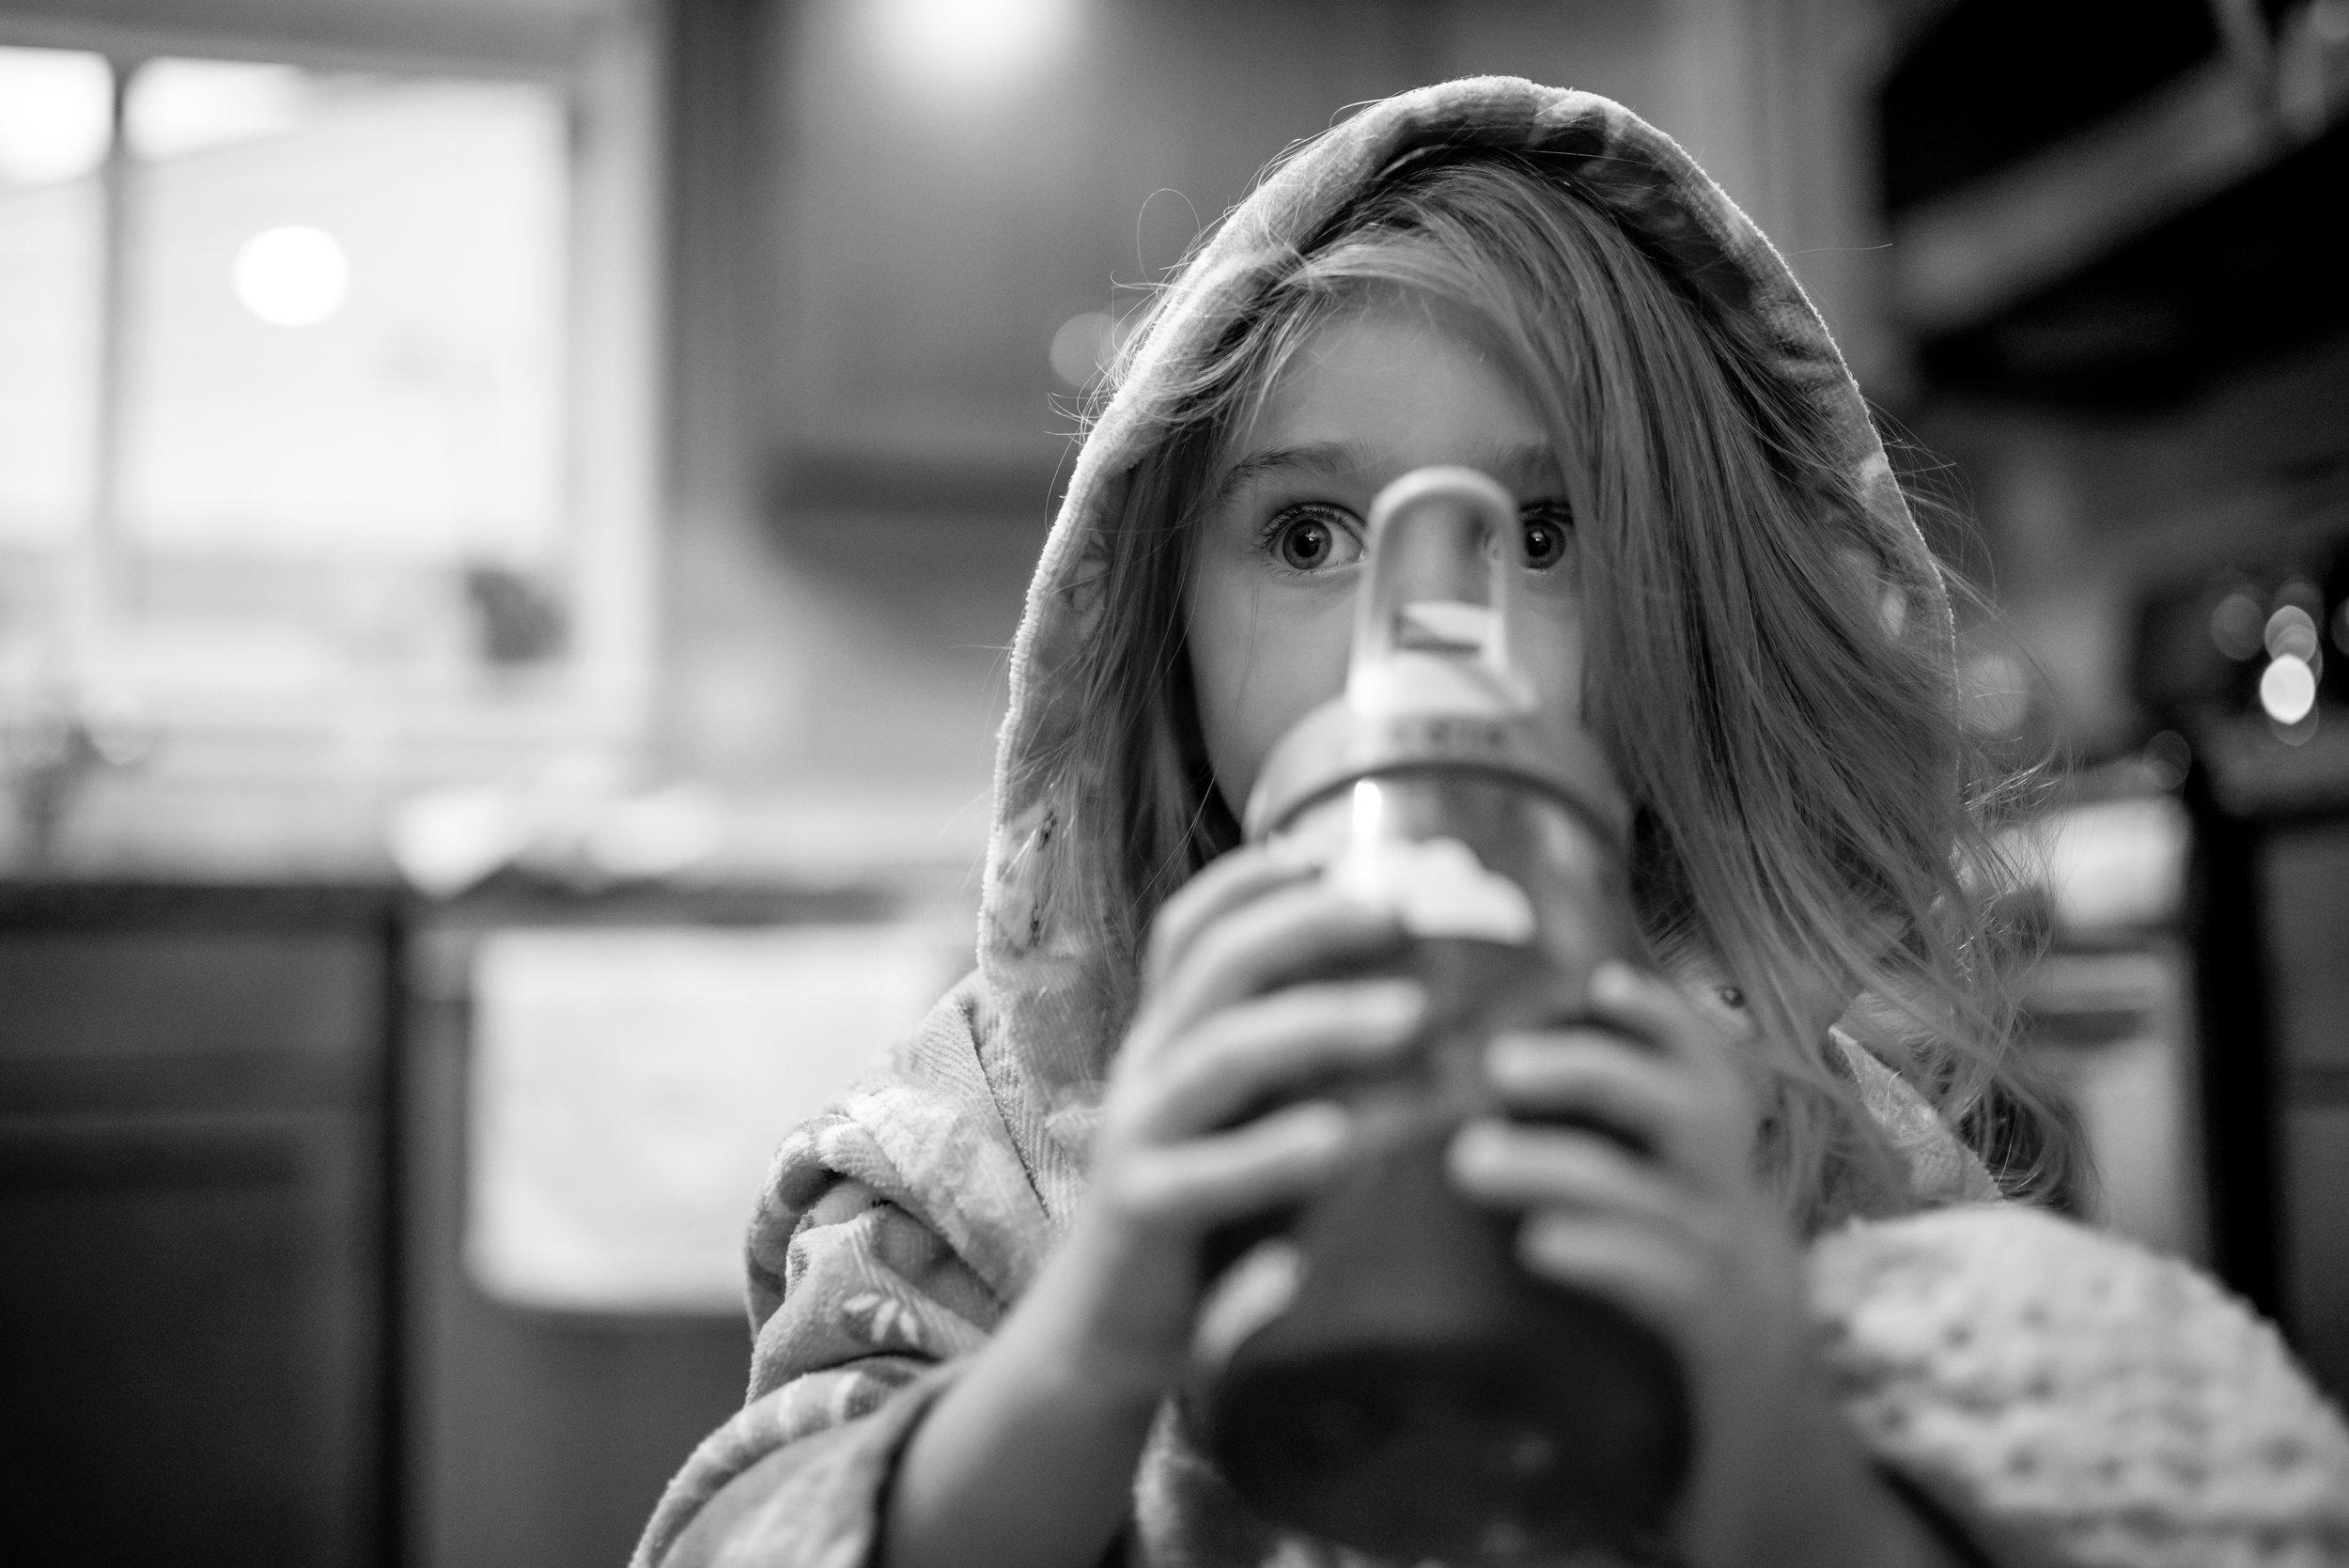 Girl drinks apple juice before heart procedure